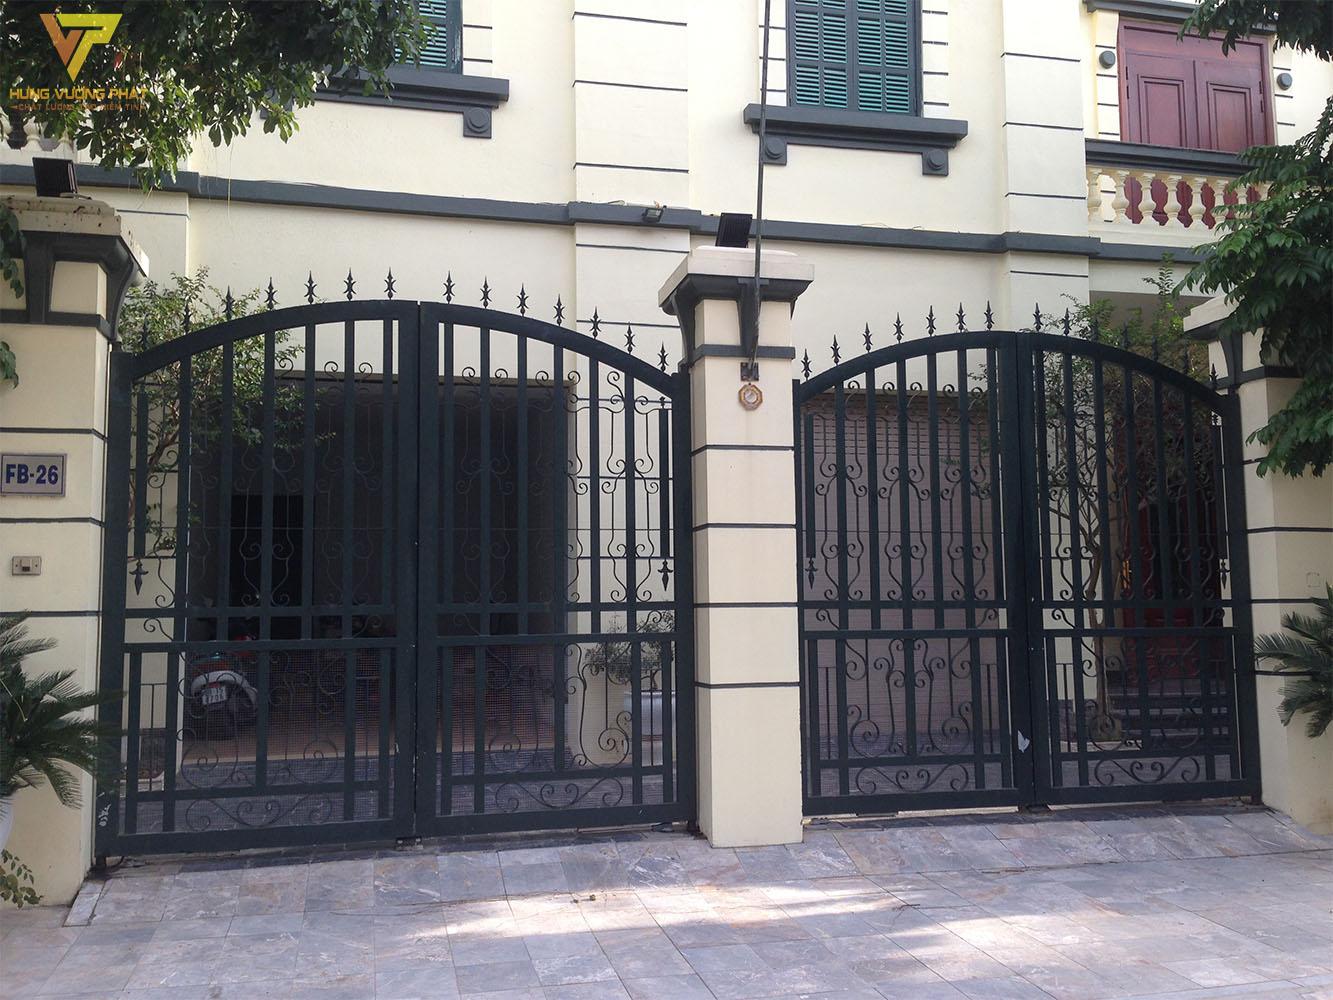 Ảnh cổng của ngôi nhà